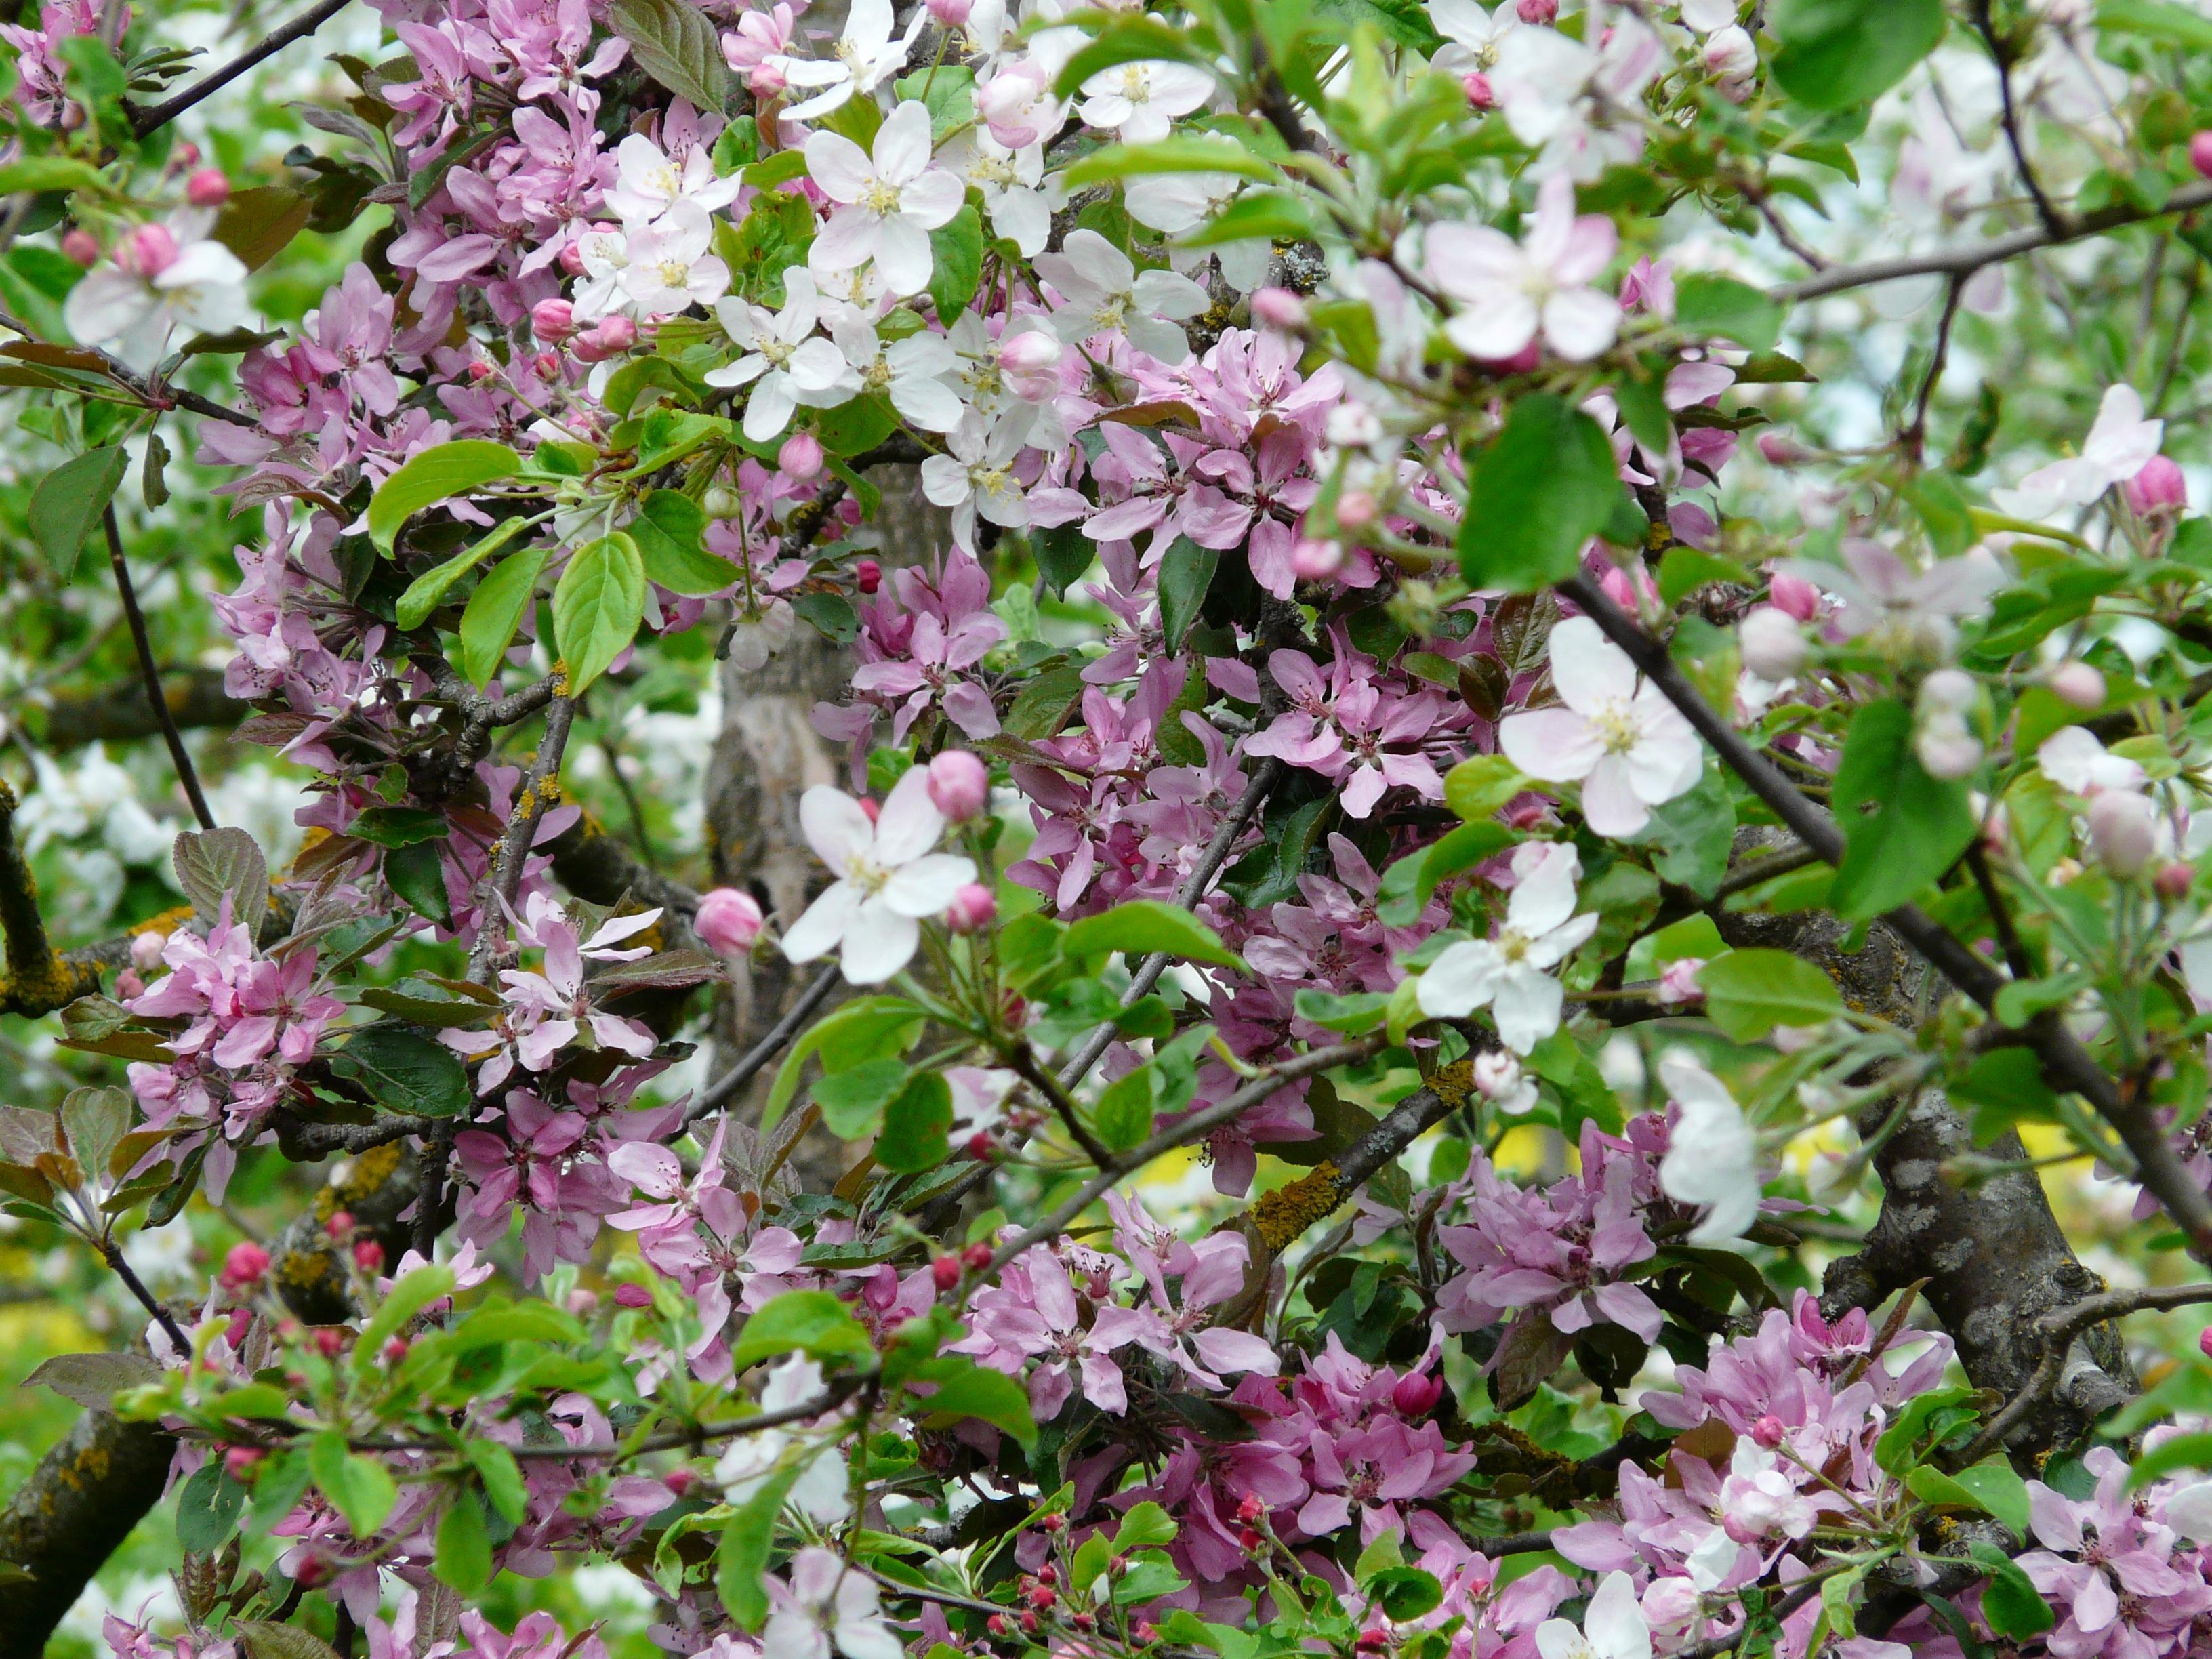 images gratuites arbre branche fleur blanc floraison aliments printemps rouge herbe. Black Bedroom Furniture Sets. Home Design Ideas